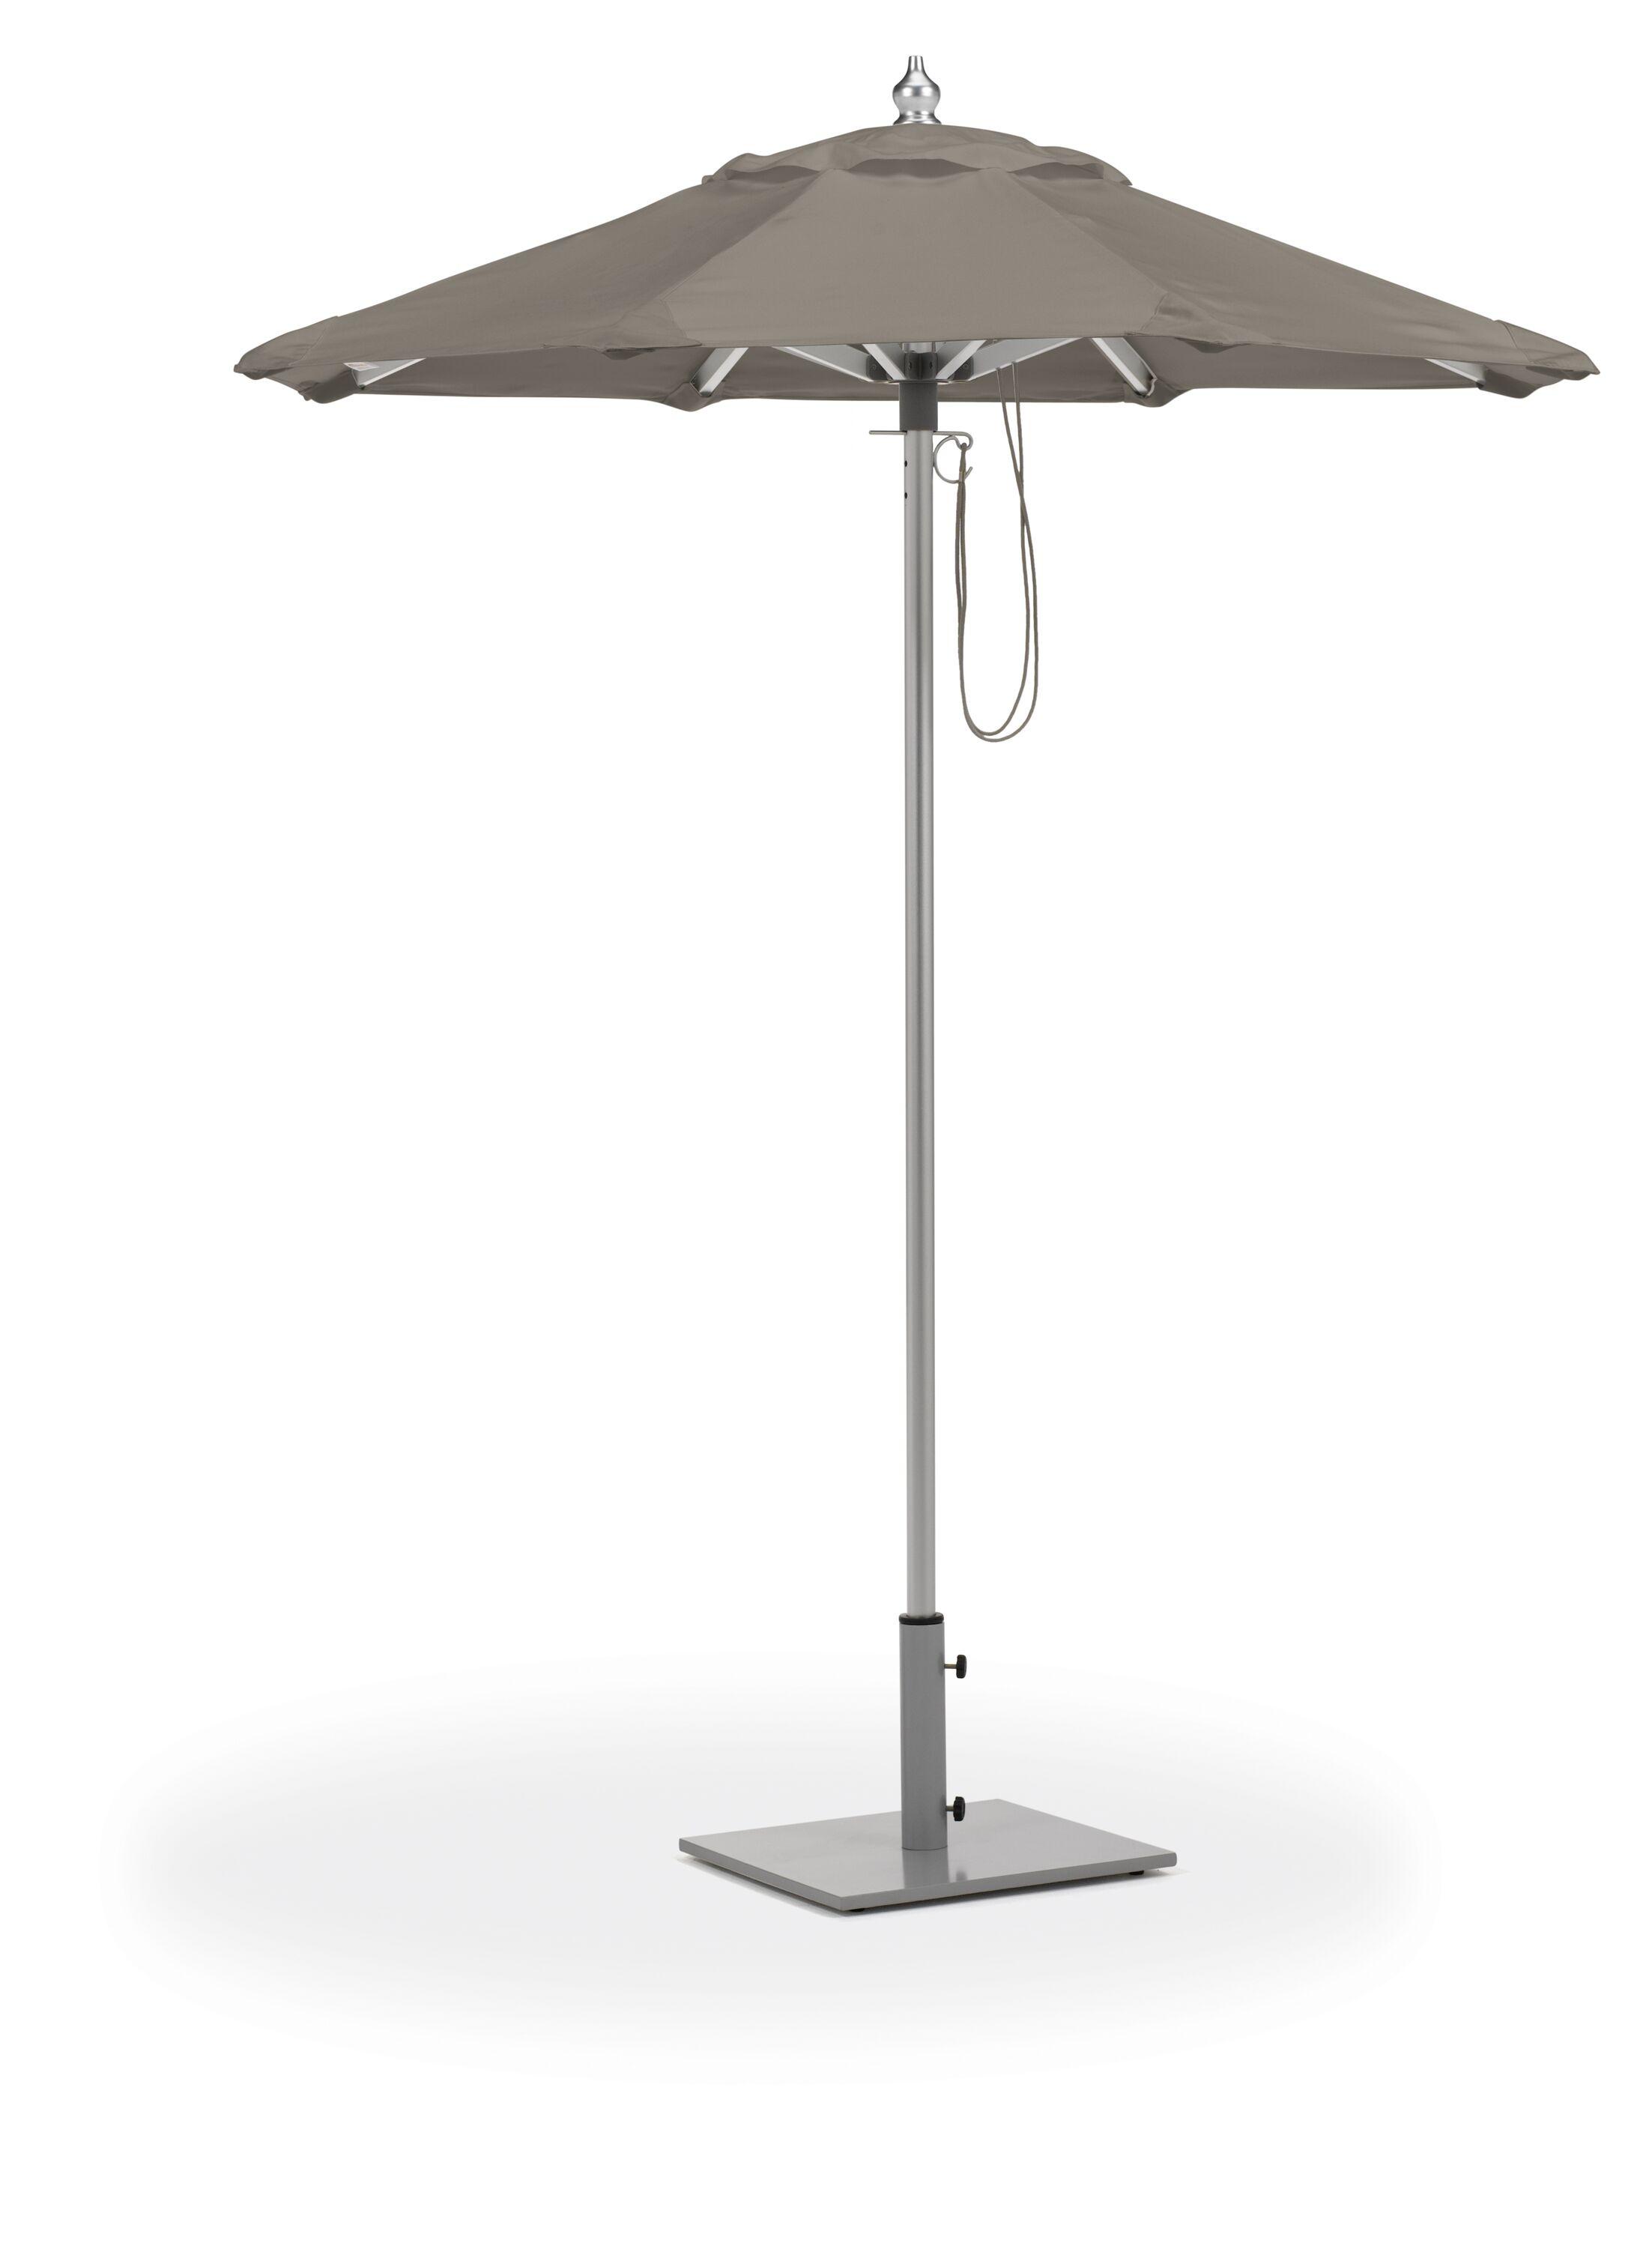 Stambaugh 6' Market Umbrella Fabric: Canvas Taupe